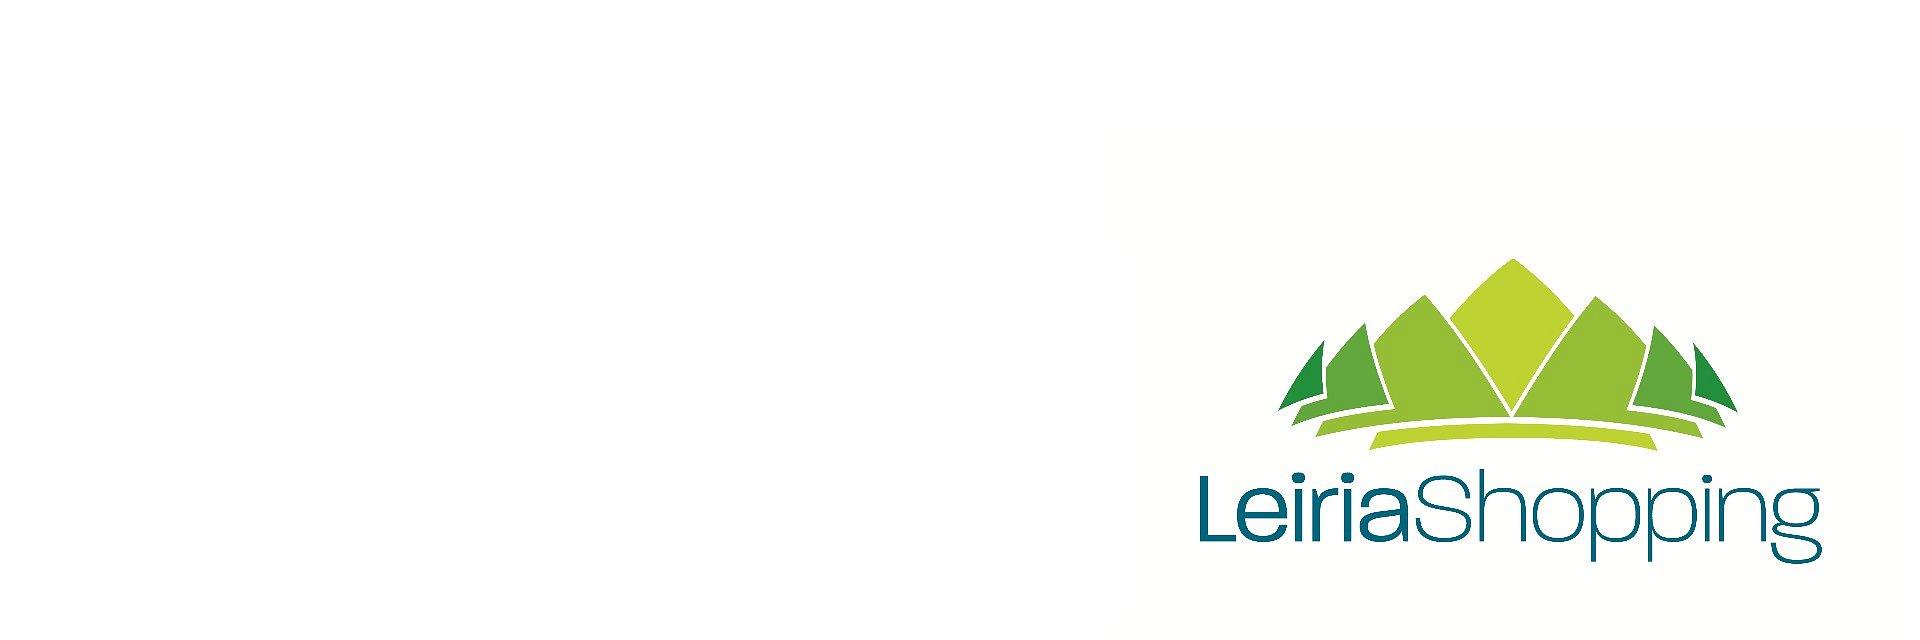 LeiriaShopping promove a cultura